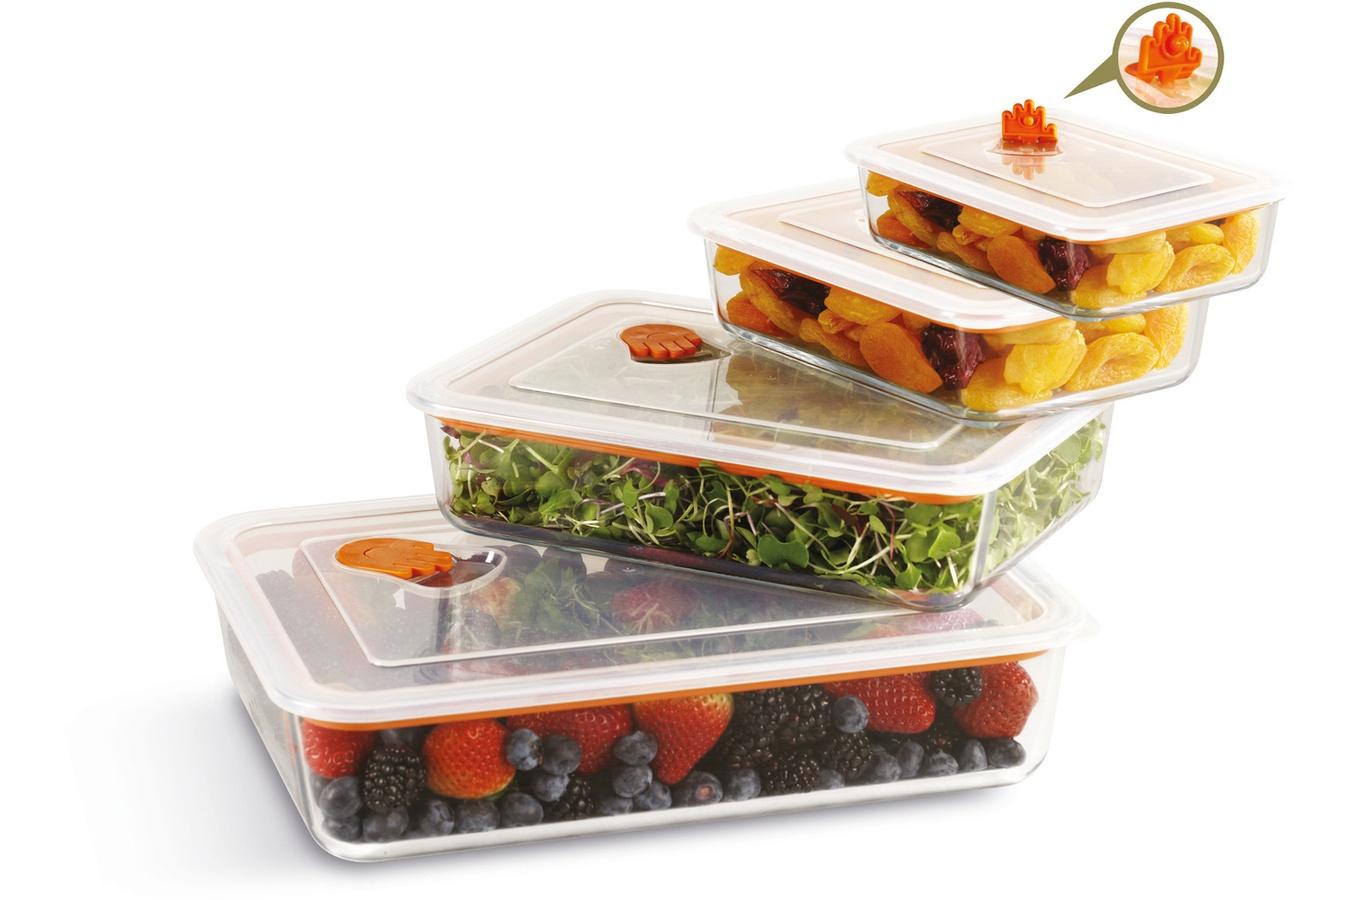 Set de 4 plats à four rectangulaires avec couvercle